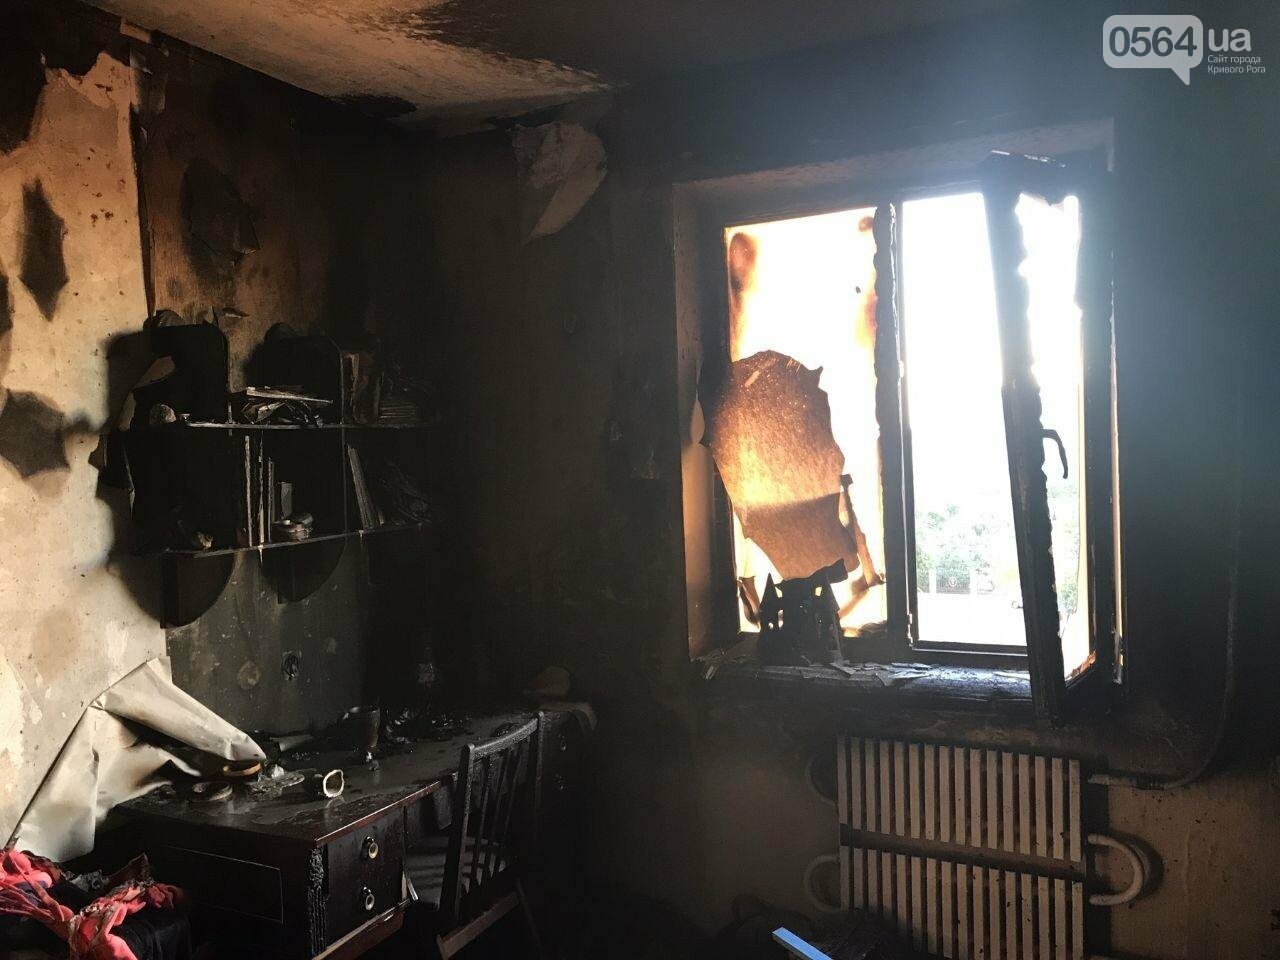 В Кривом Роге загорелась квартира, в которой никого не было, - ФОТО , фото-1